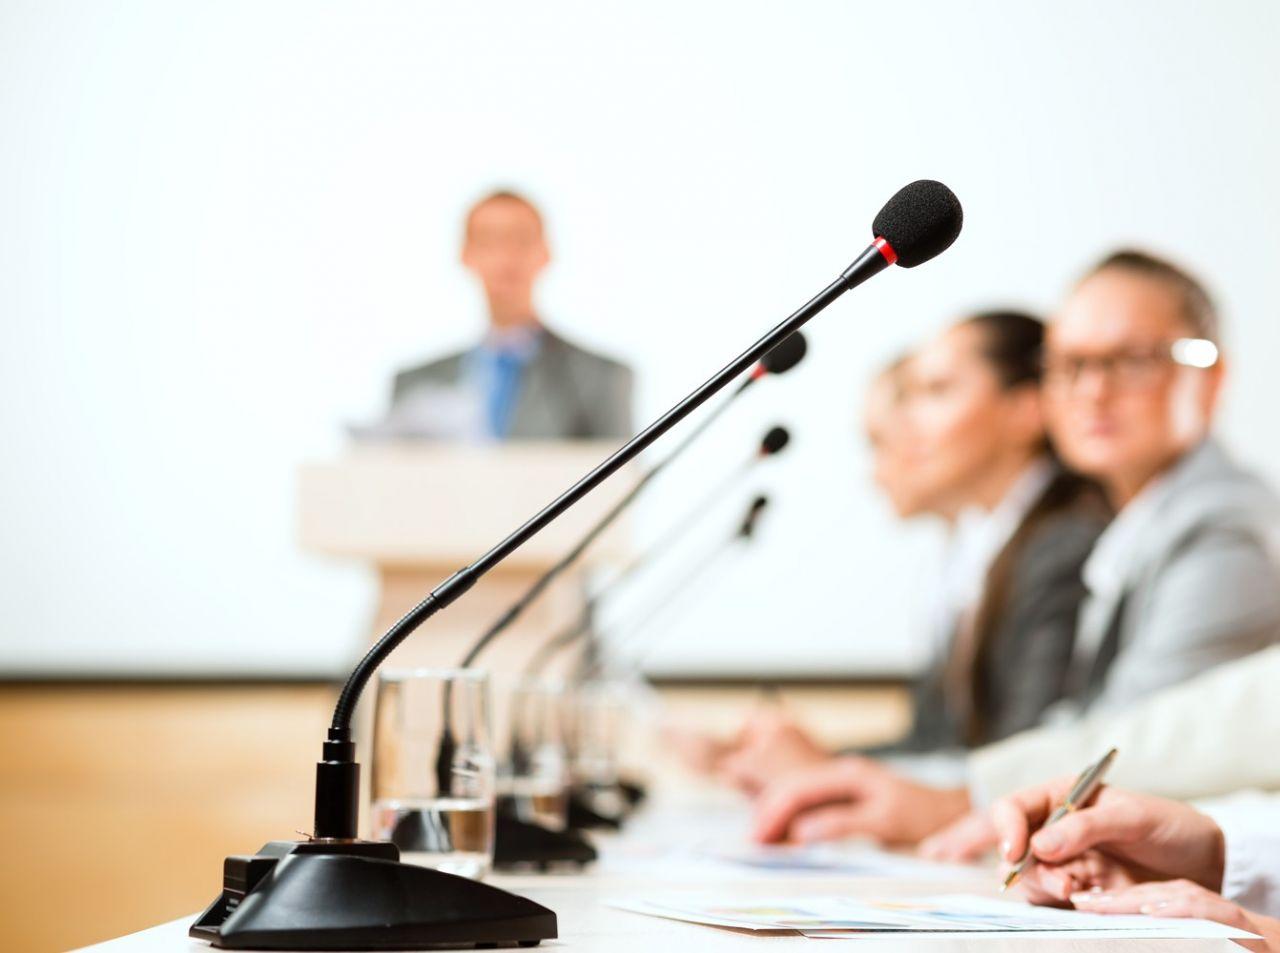 Javna rasprava o prijedlogu Izmjena i dopuna (III) Prostornog plana uređenja Grada Skradina i prijedlogu Urbanističkog plana uređenja naselja Skradin